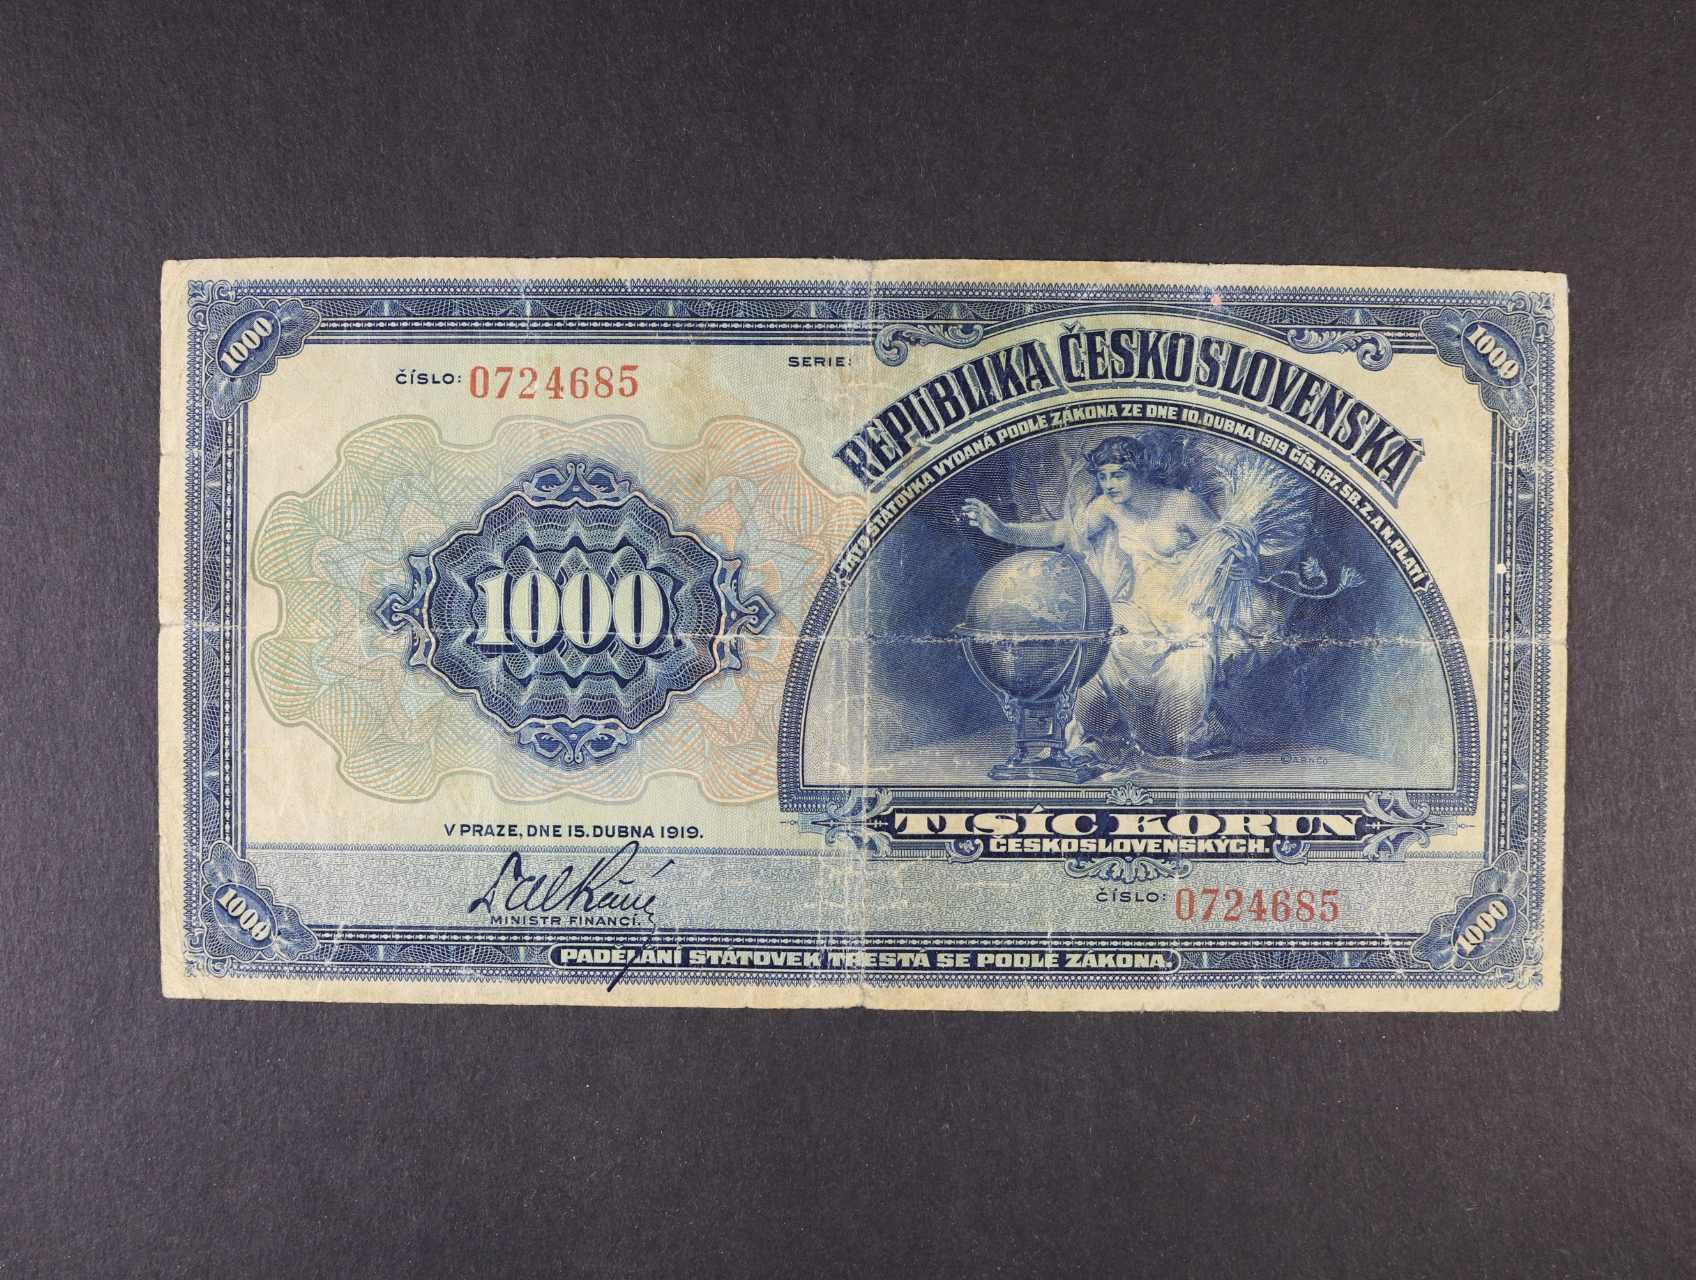 1000 Kč 15.4.1919 nečitelná série, Ba. 14, Pi. 13